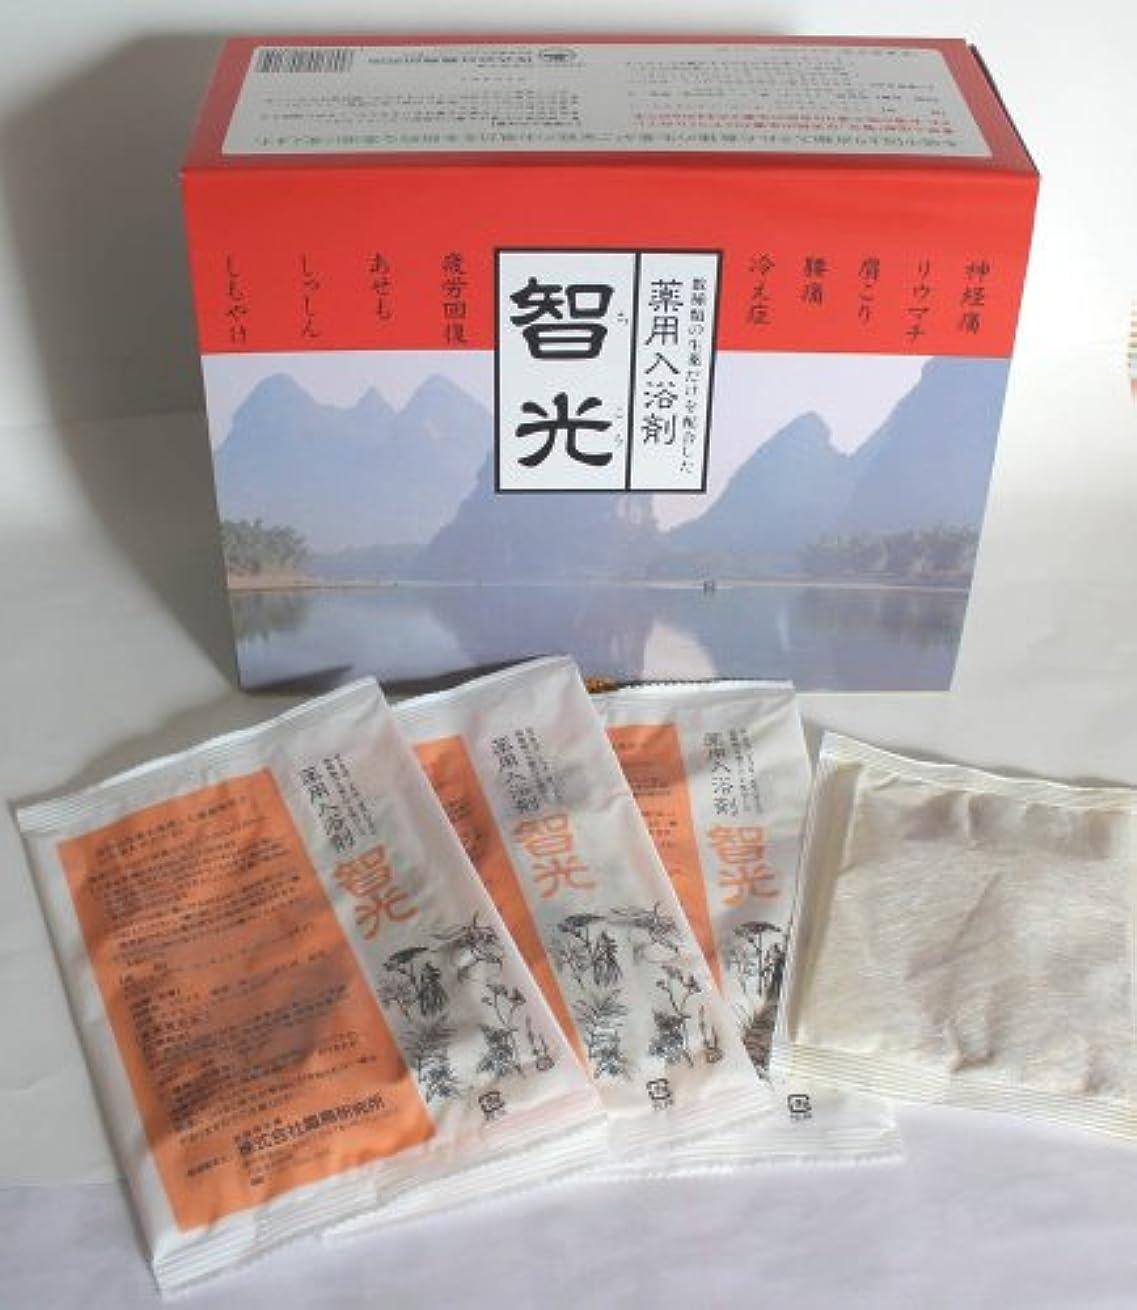 自治的アカデミー影響する薬用入浴剤 智光 (25g×32包入り)化粧箱なし